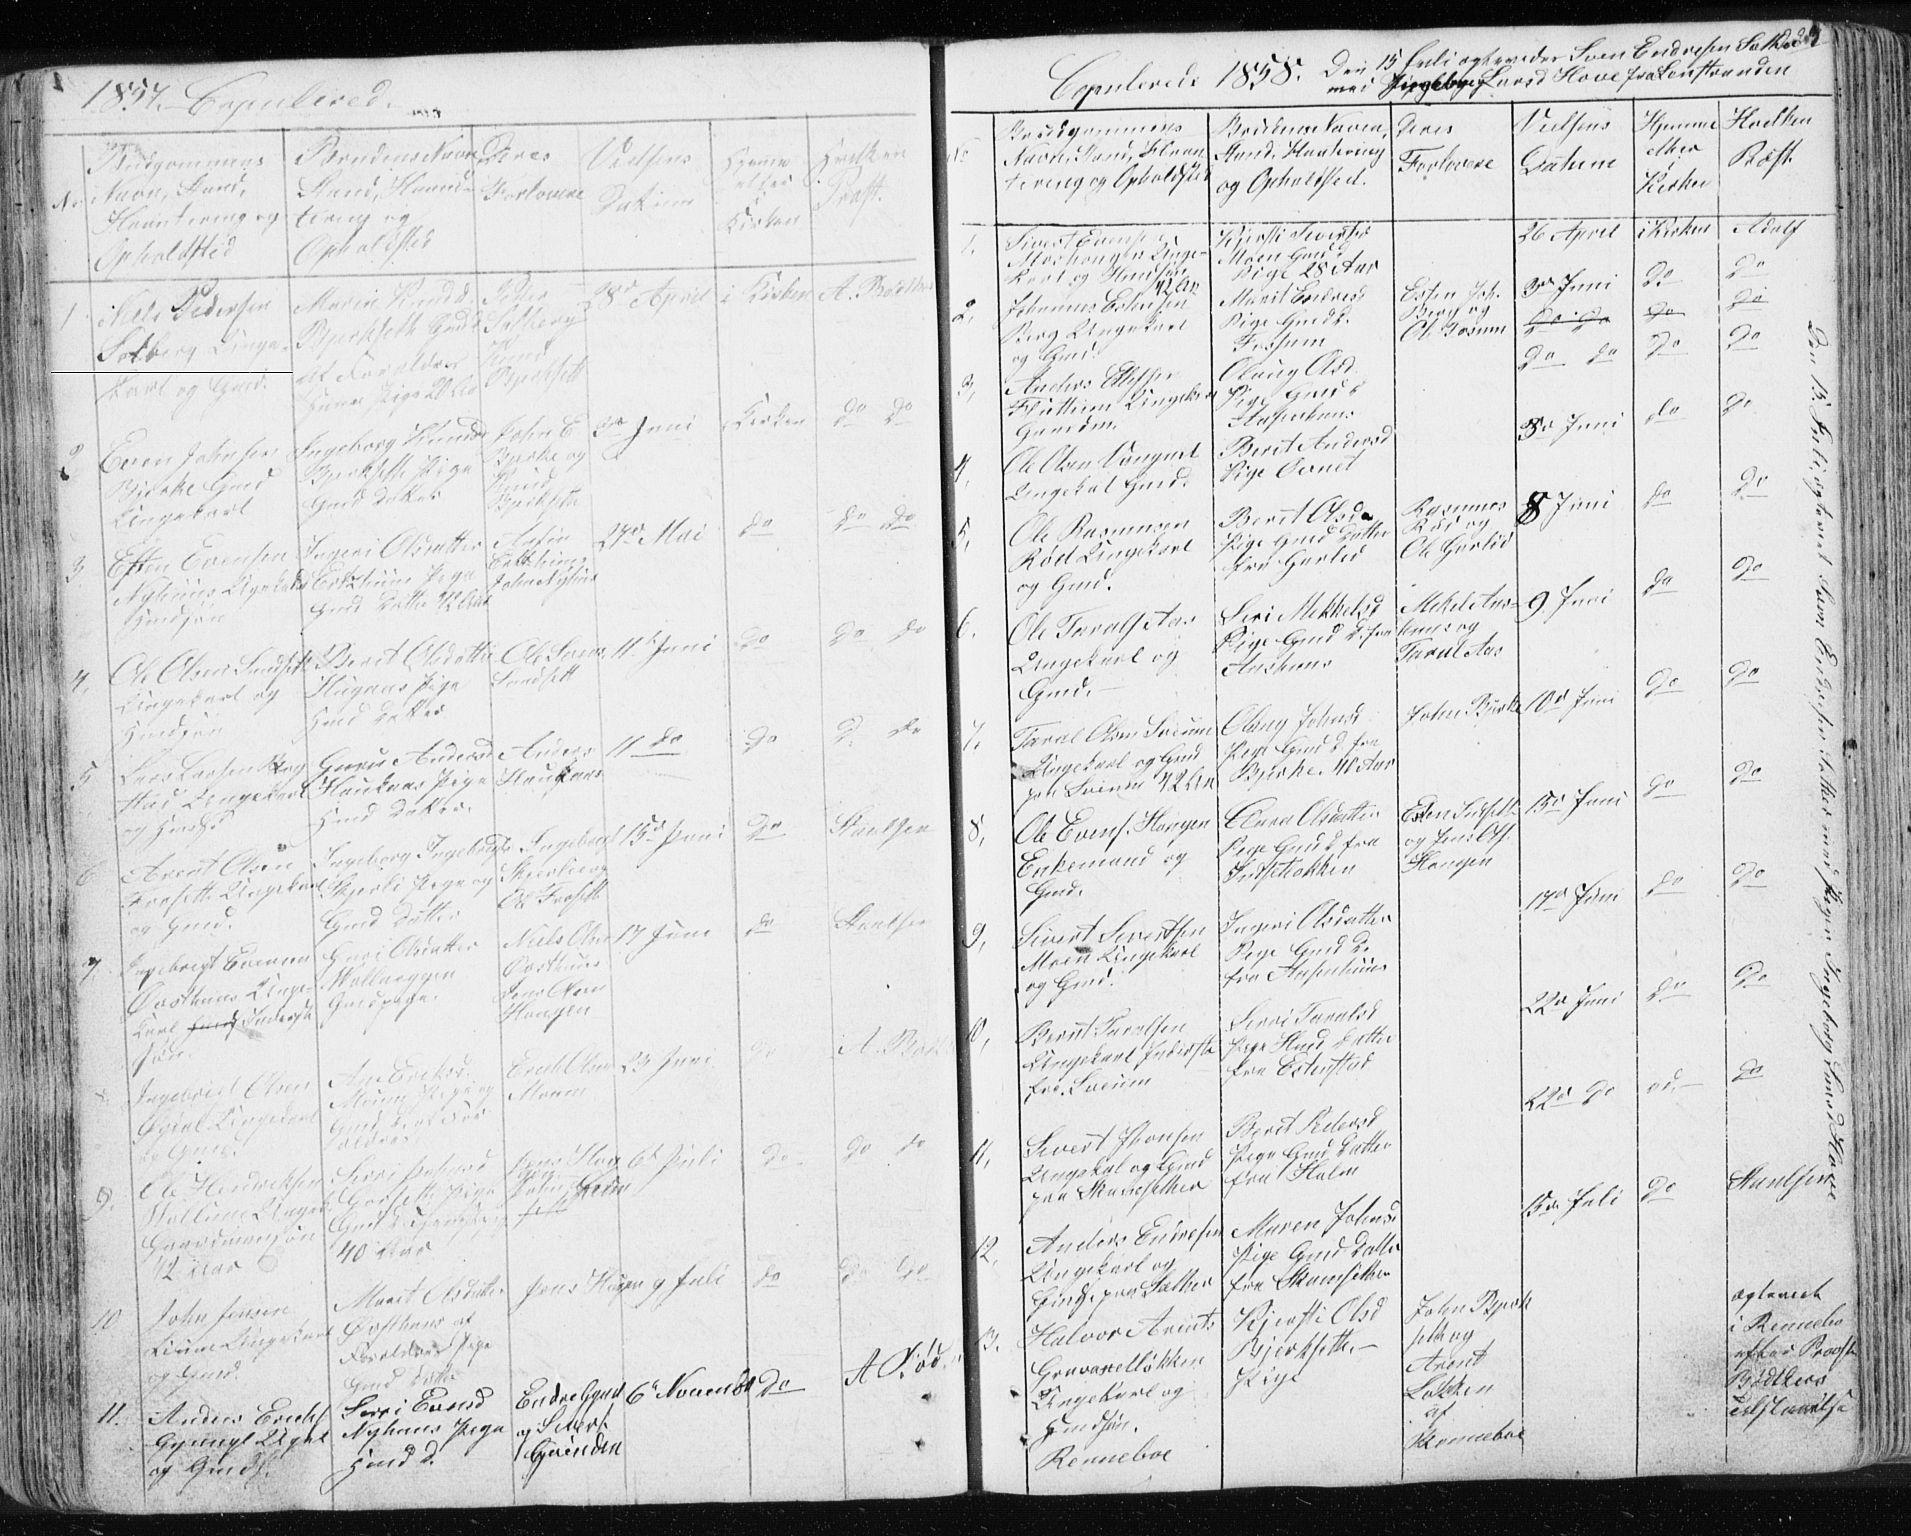 SAT, Ministerialprotokoller, klokkerbøker og fødselsregistre - Sør-Trøndelag, 689/L1043: Klokkerbok nr. 689C02, 1816-1892, s. 223